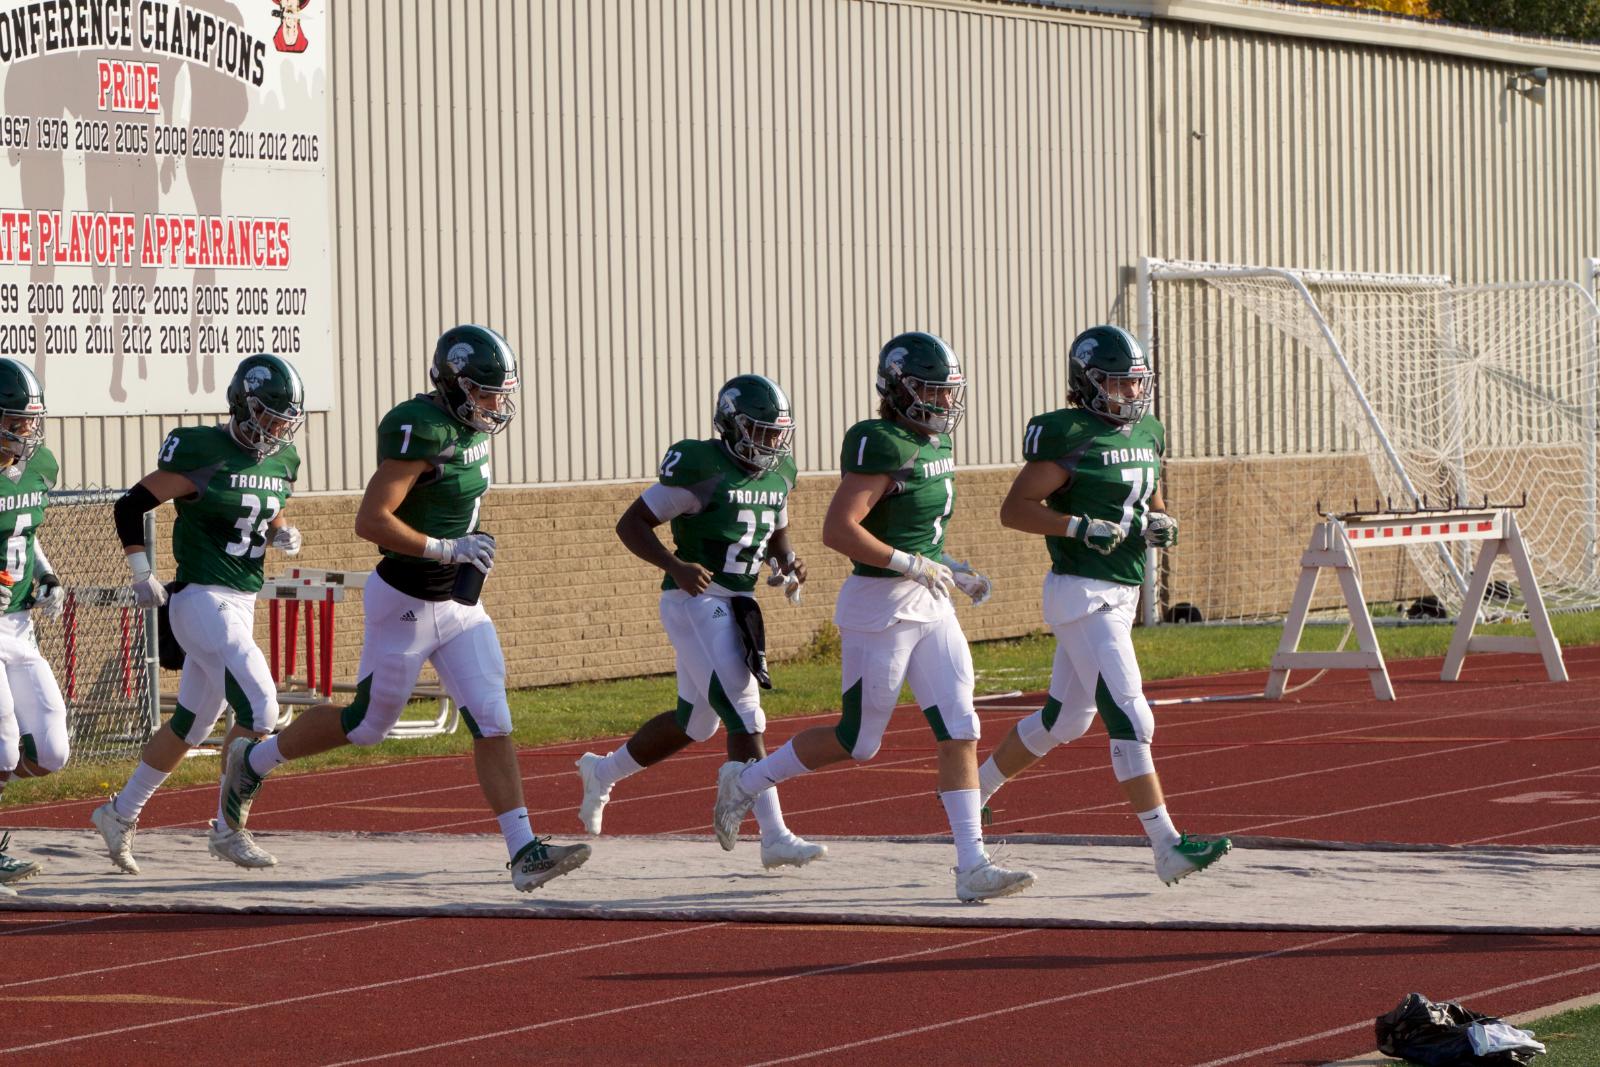 Varsity Football vs Pewaukee – 10/9/20 – Photos courtesy of Dan Keenan